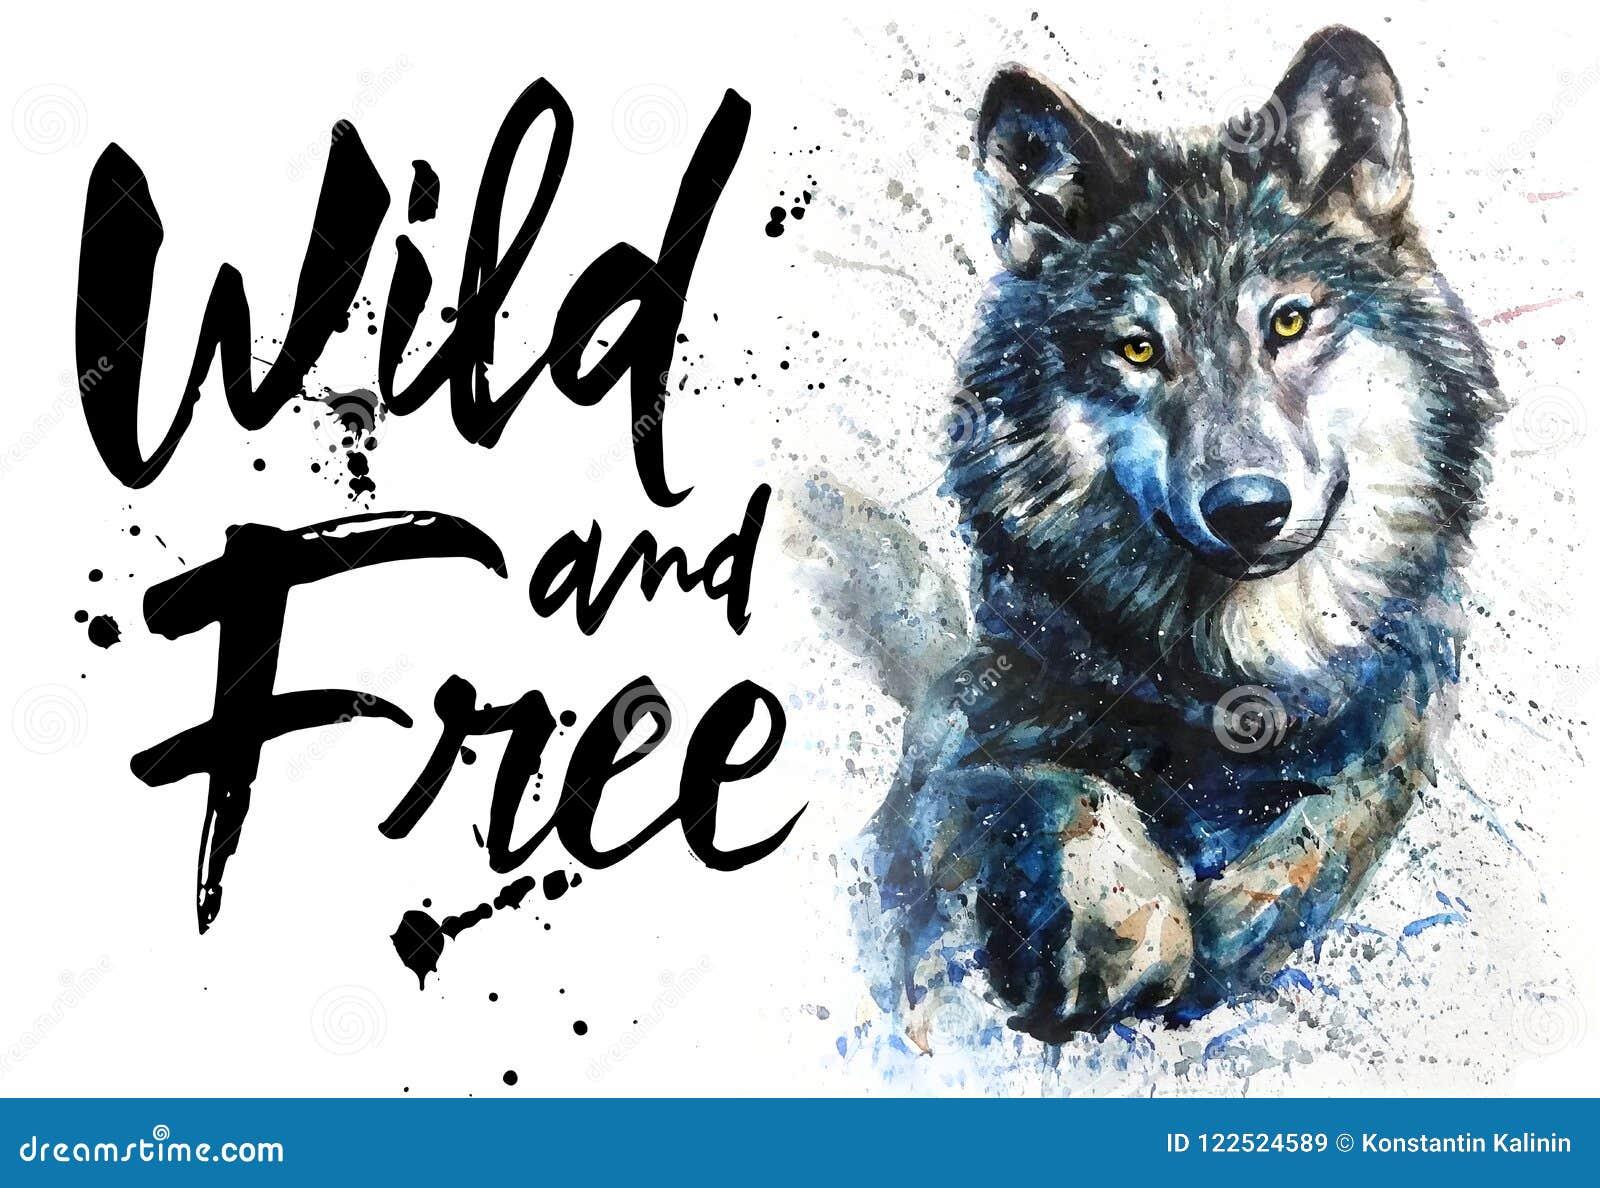 Αρπακτική άγρια φύση ζώων watercolor λύκων, άγριος και ελεύθερος, βασιλιάς του δάσους, τυπωμένη ύλη για την μπλούζα